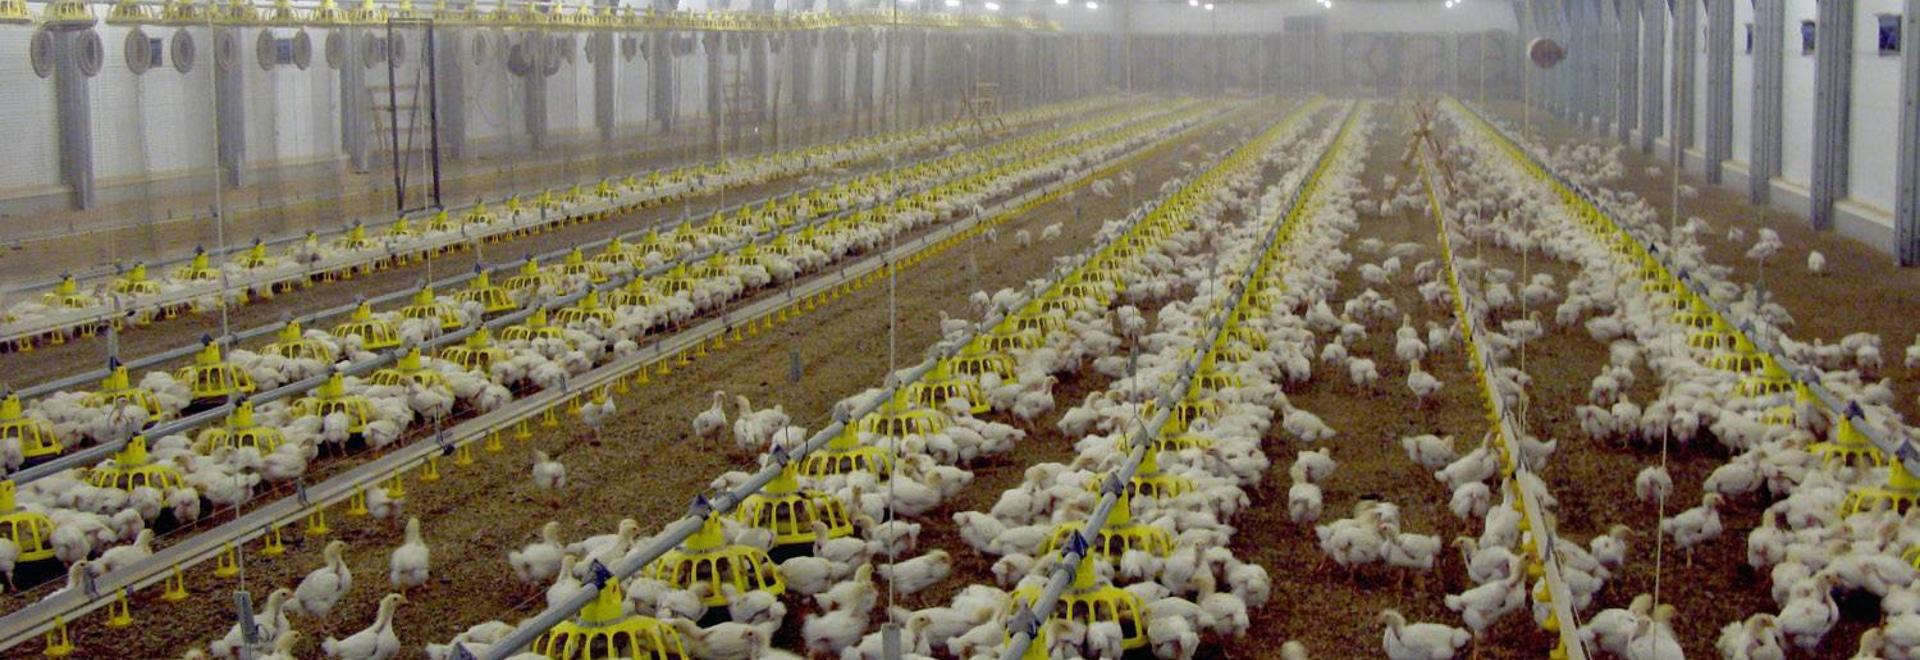 Cherkizovo Poultry Complex